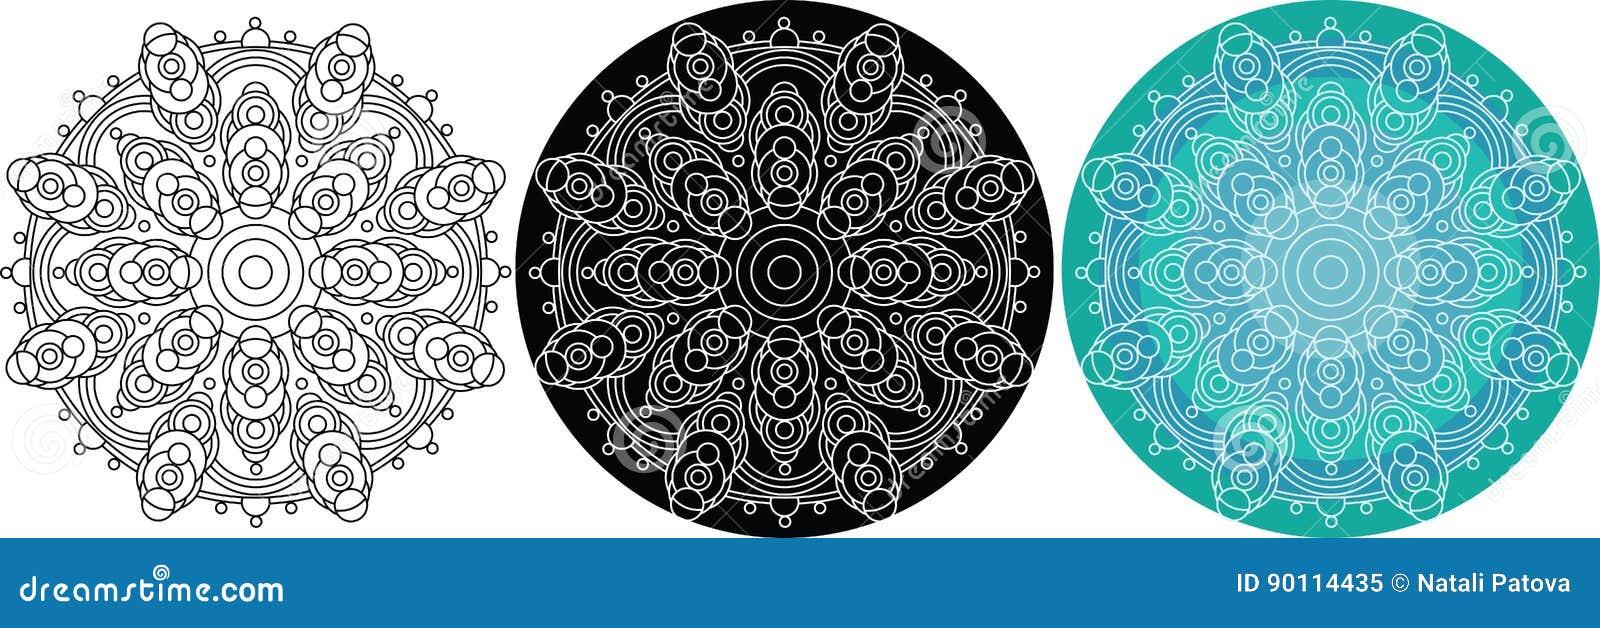 518de411107 Natuurlijke mandala van cirkels voor het kleuren van boek Rond patroon